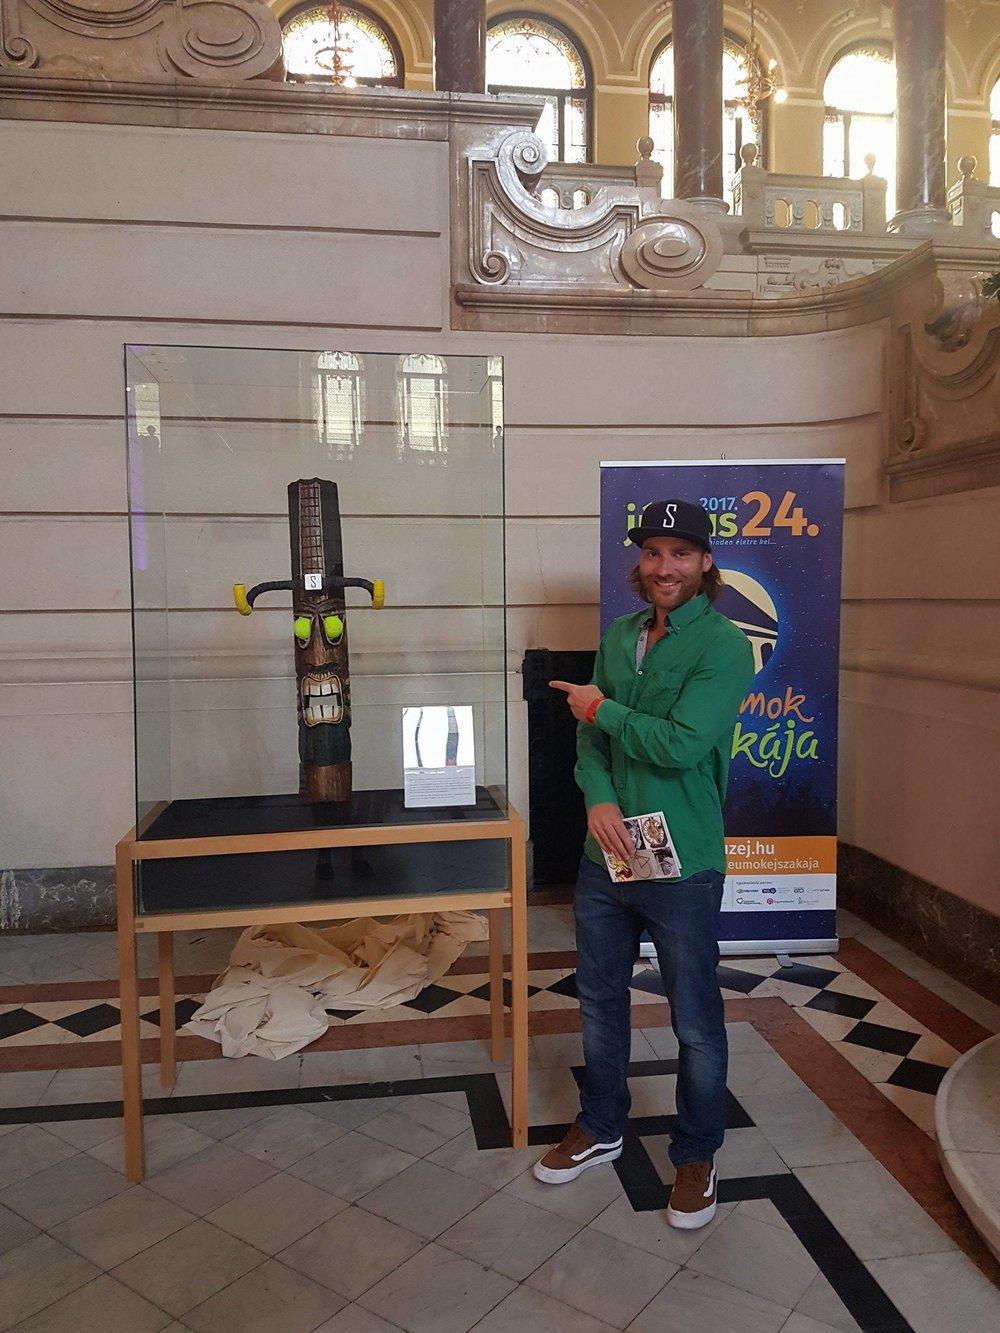 néprajzi múzeum 2017.06.24 Budapest